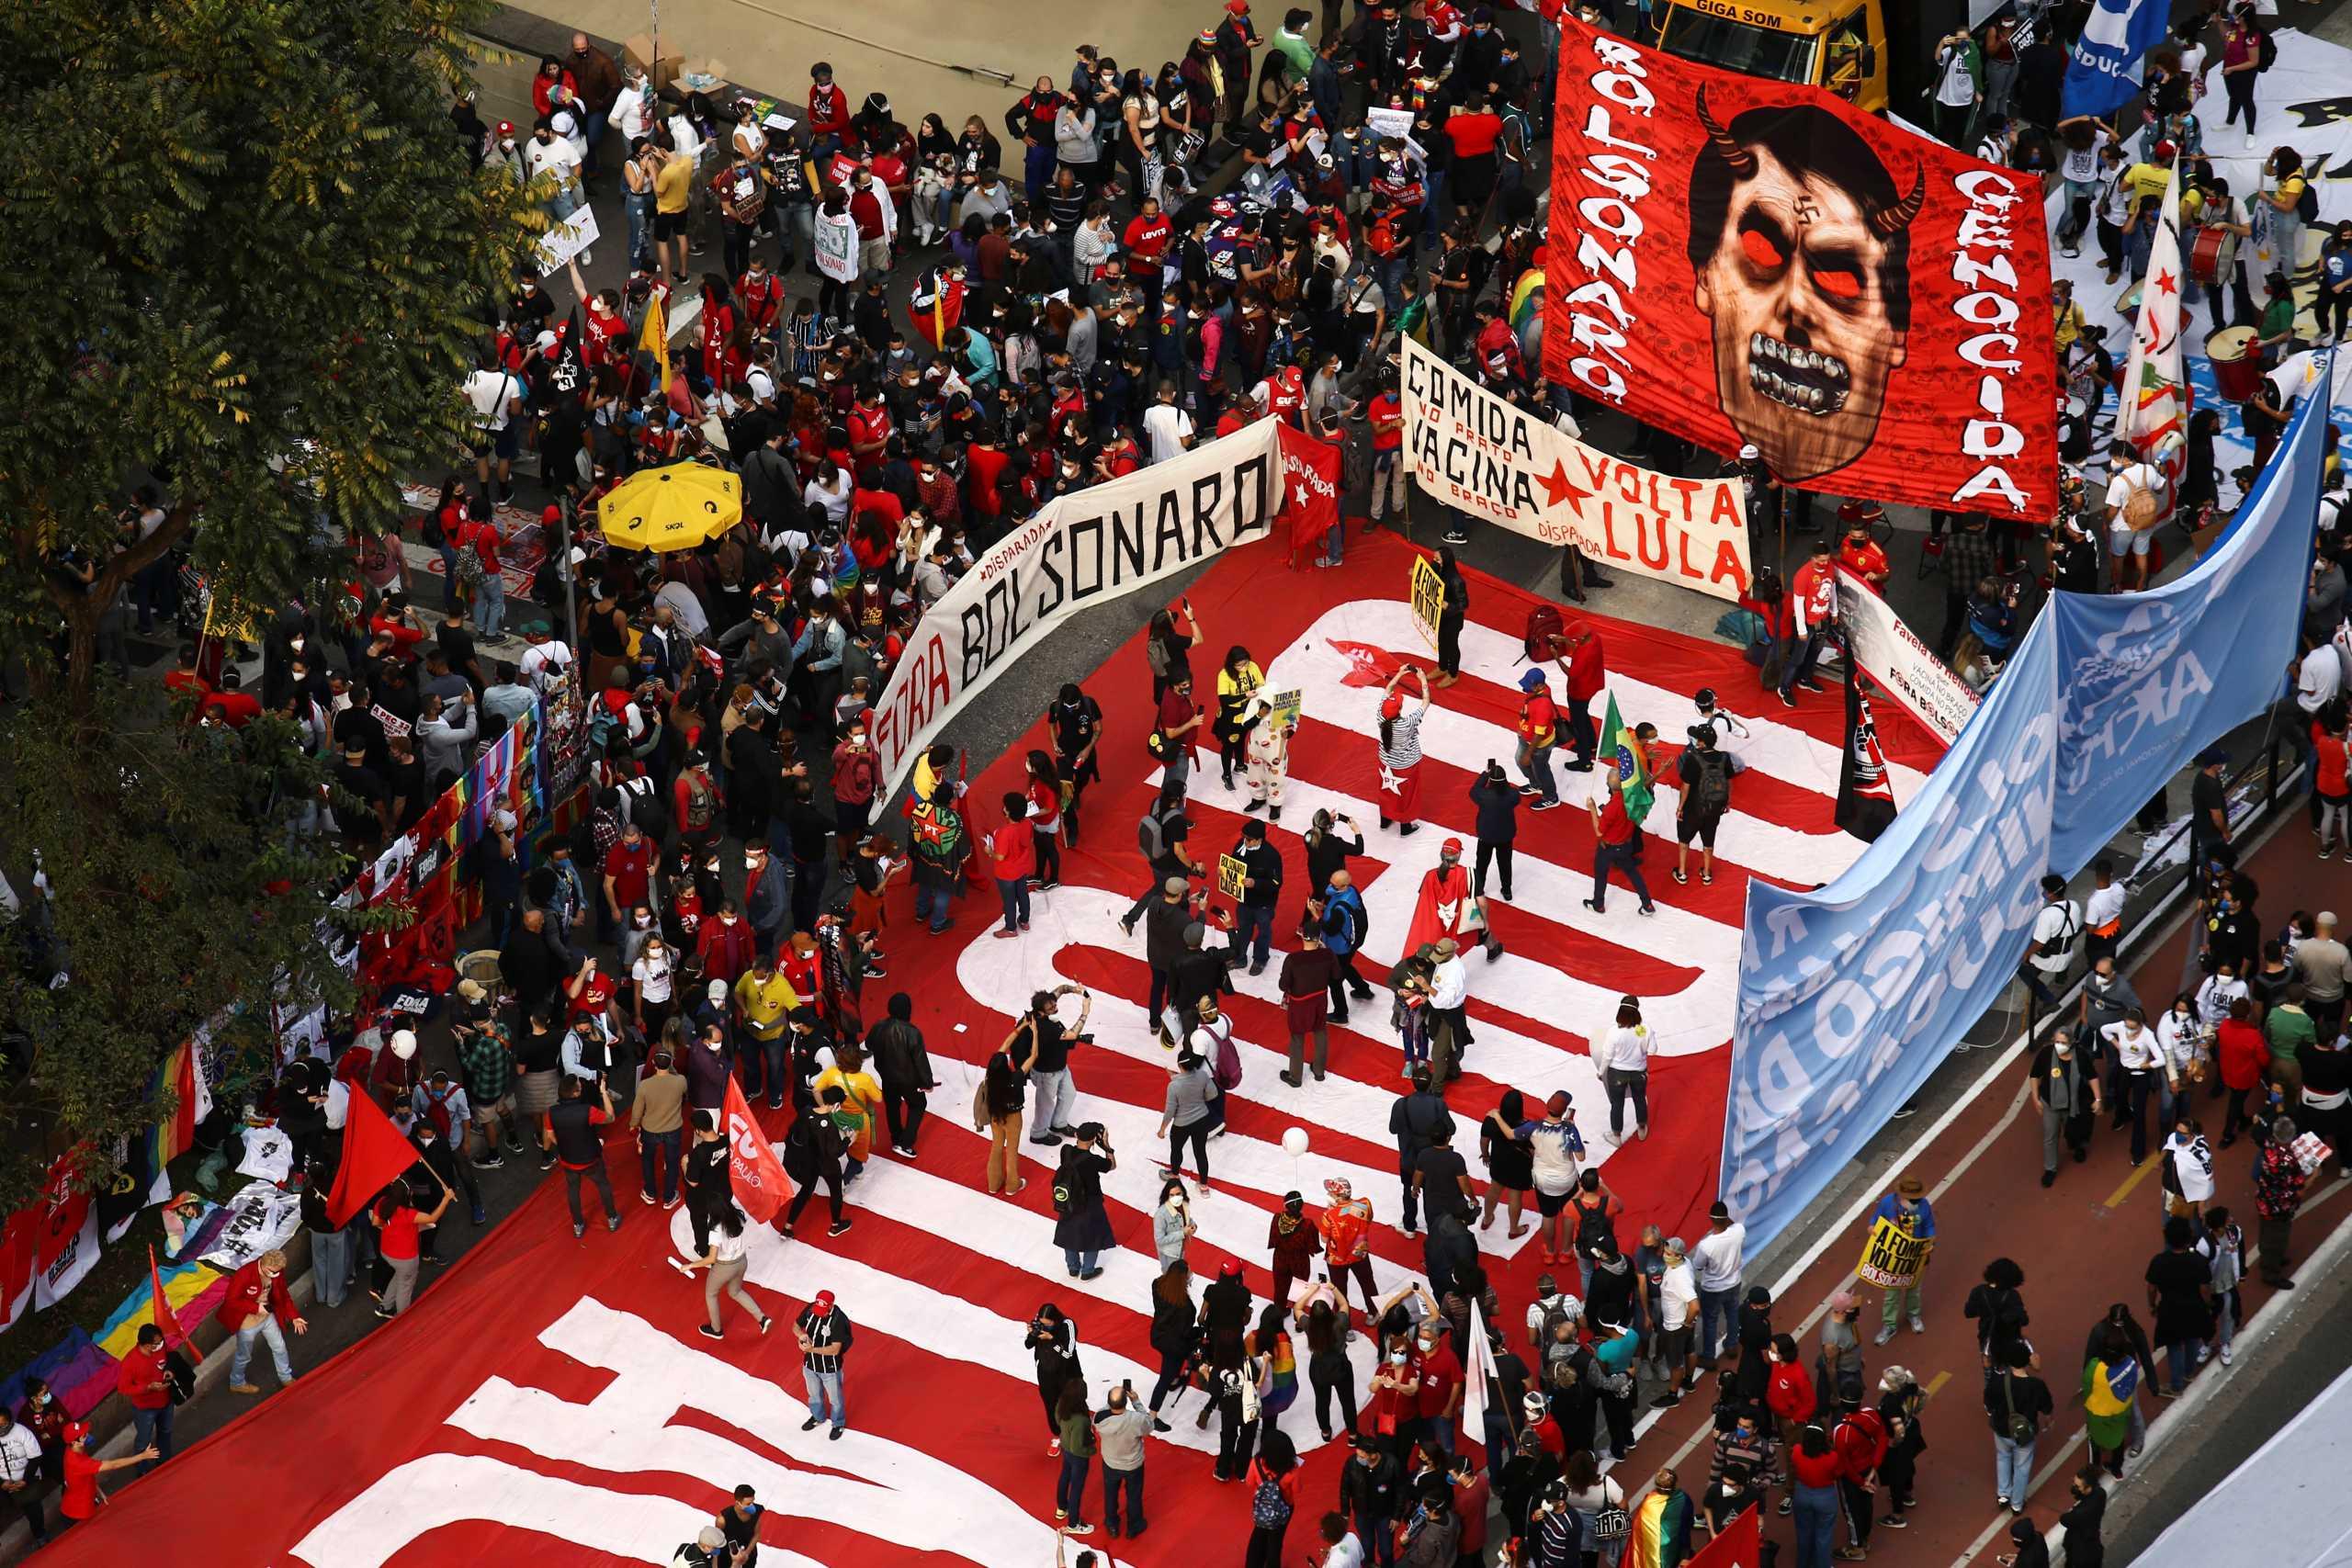 Βραζιλία: Χιλιάδες πολίτες ζητούν την καθαίρεση του Ζαΐρ Μπολσονάρο – Διαδηλώσεις σε μεγάλες πόλεις της χώρας